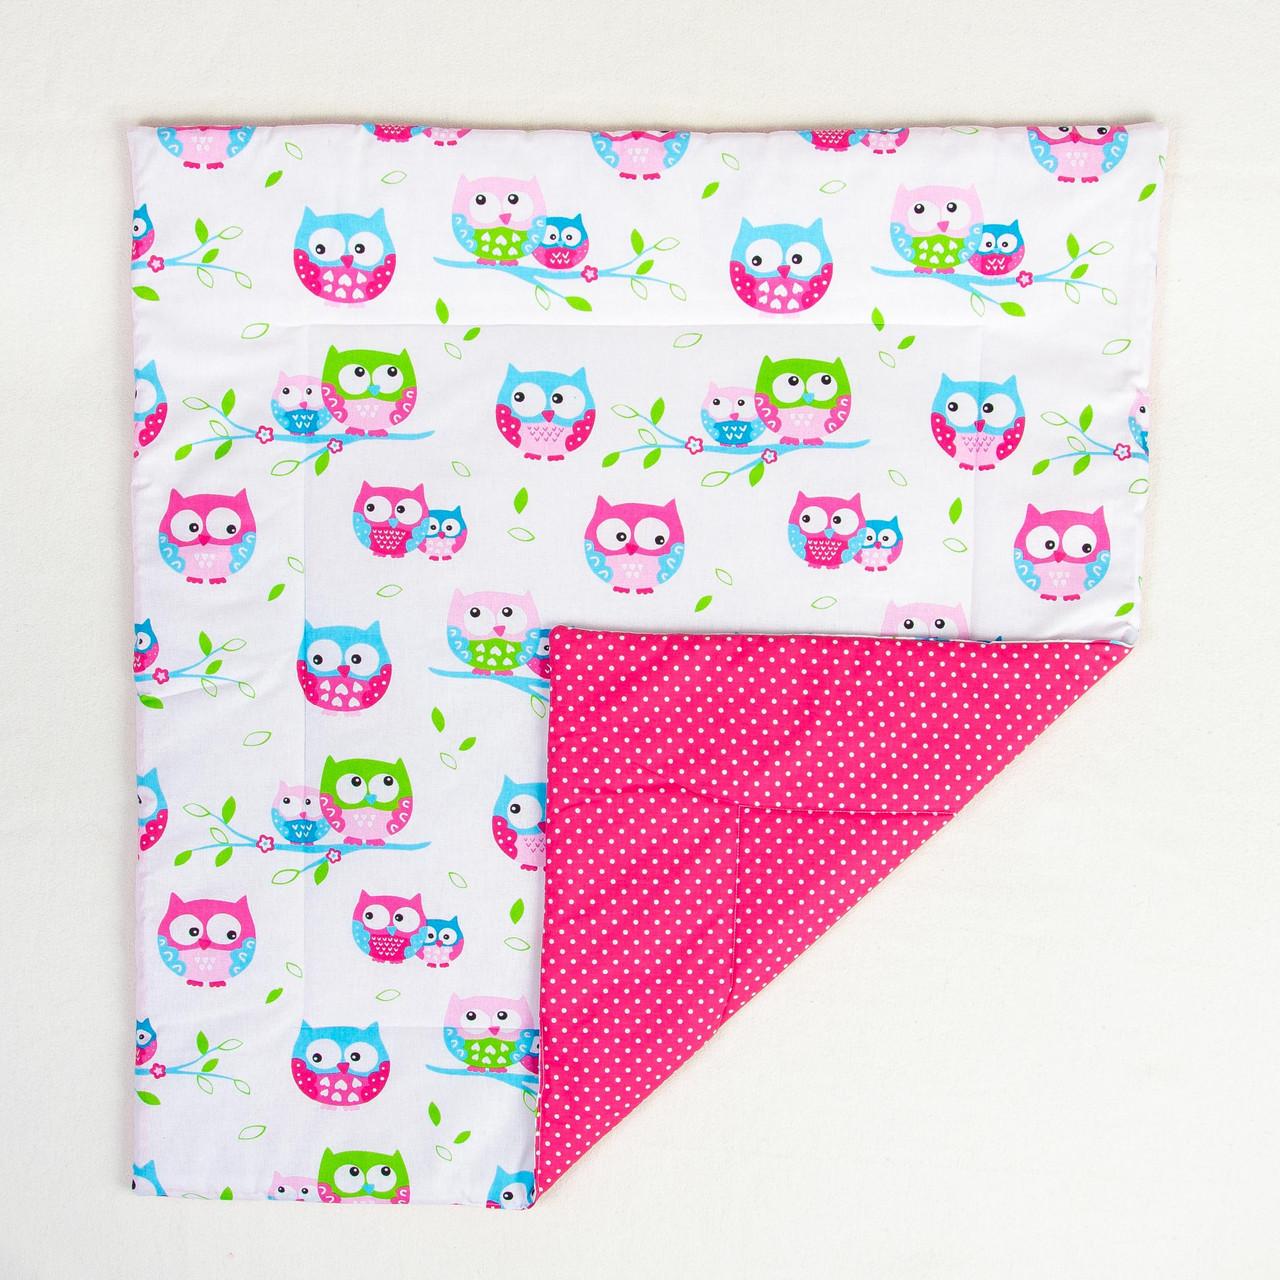 """Детское хлопковое одеяло """"Яркие совушки"""" 80 х 85 см цвет розовый"""